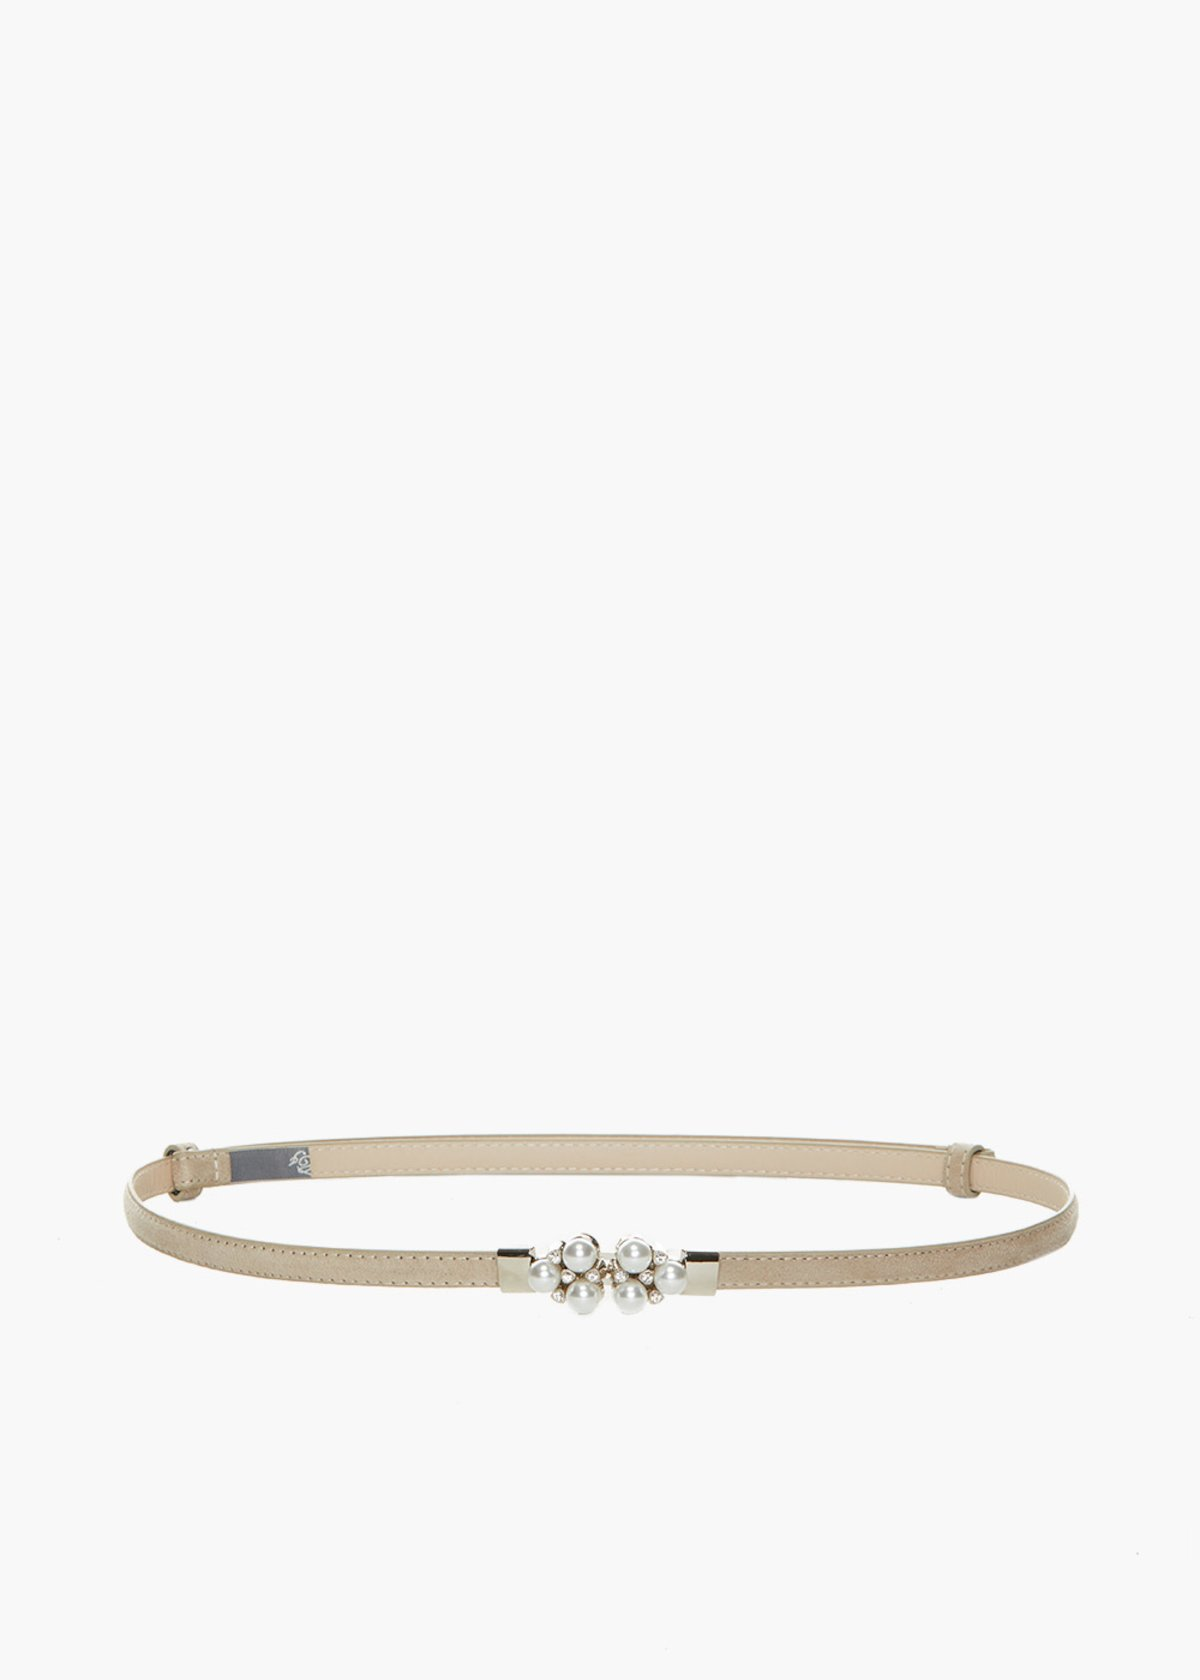 Cintura Craia in ecosuede con dettaglio perle e crystal - Light Beige - Donna - Immagine categoria